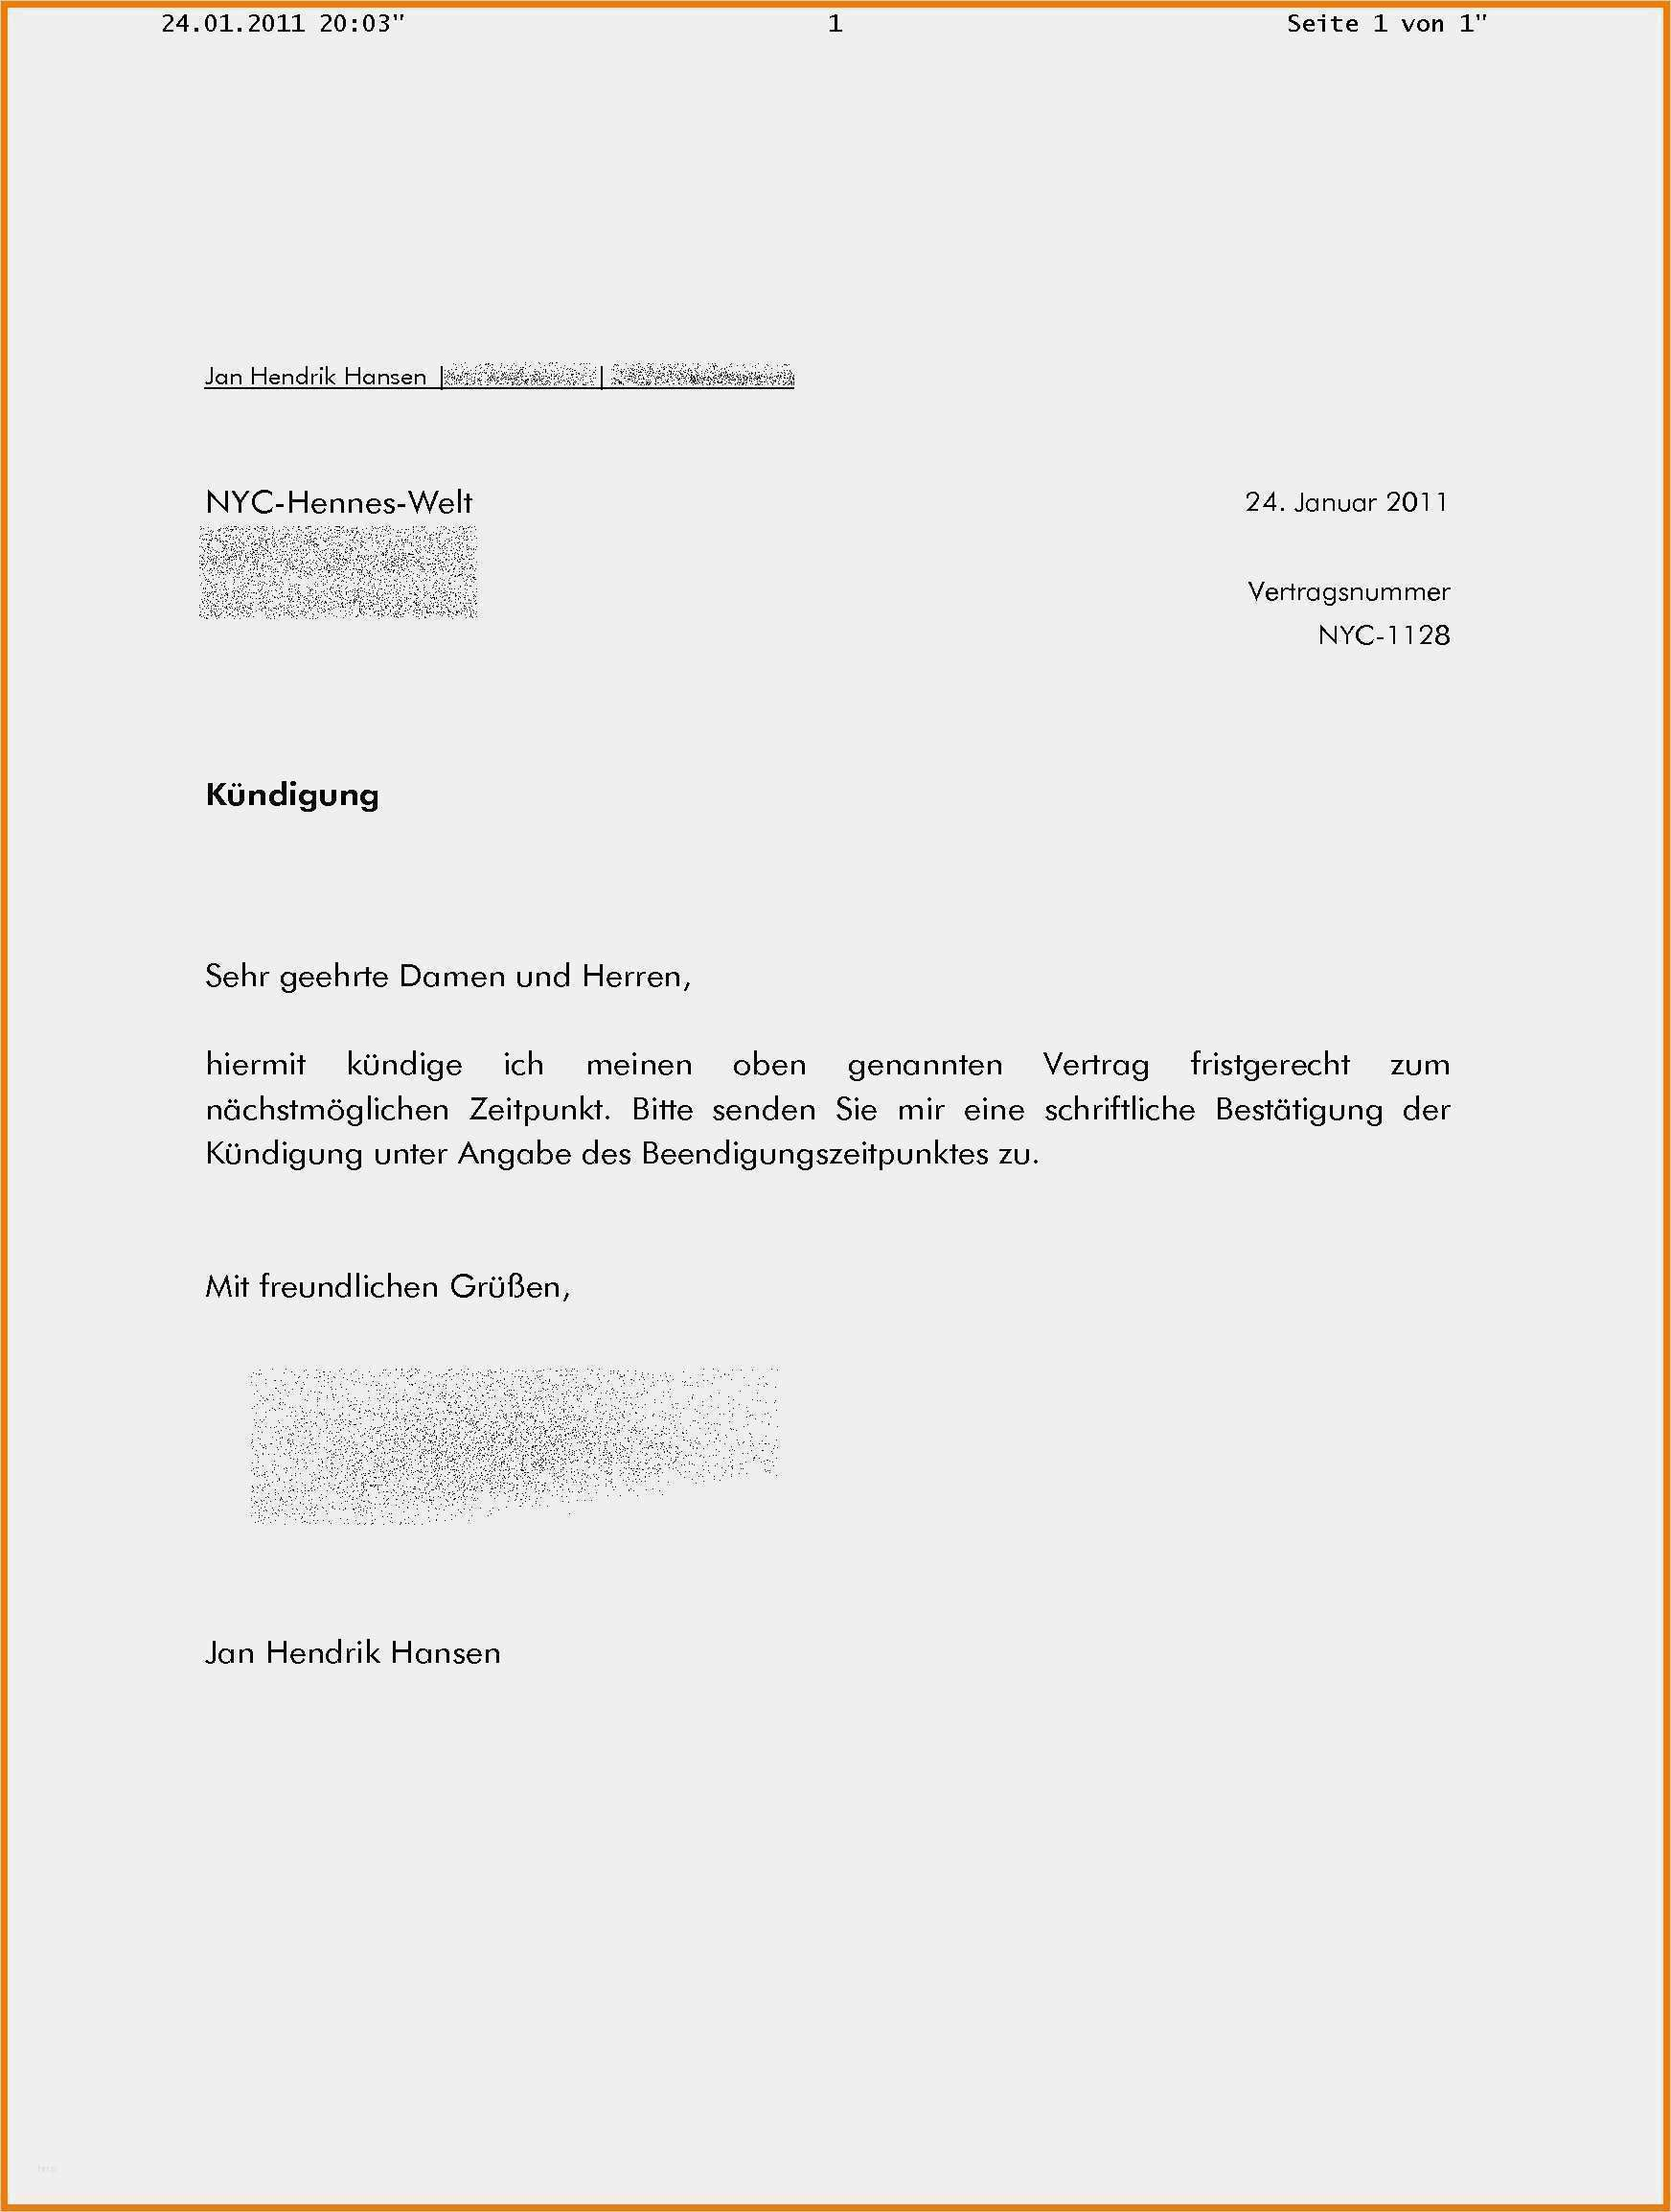 Hubsch Kundigung Fitnessstudio Vorlage Kostenlos Foto In 2020 Vorlagen Word Vorlagen Lebenslauf Lebenslauf Vorlagen Word